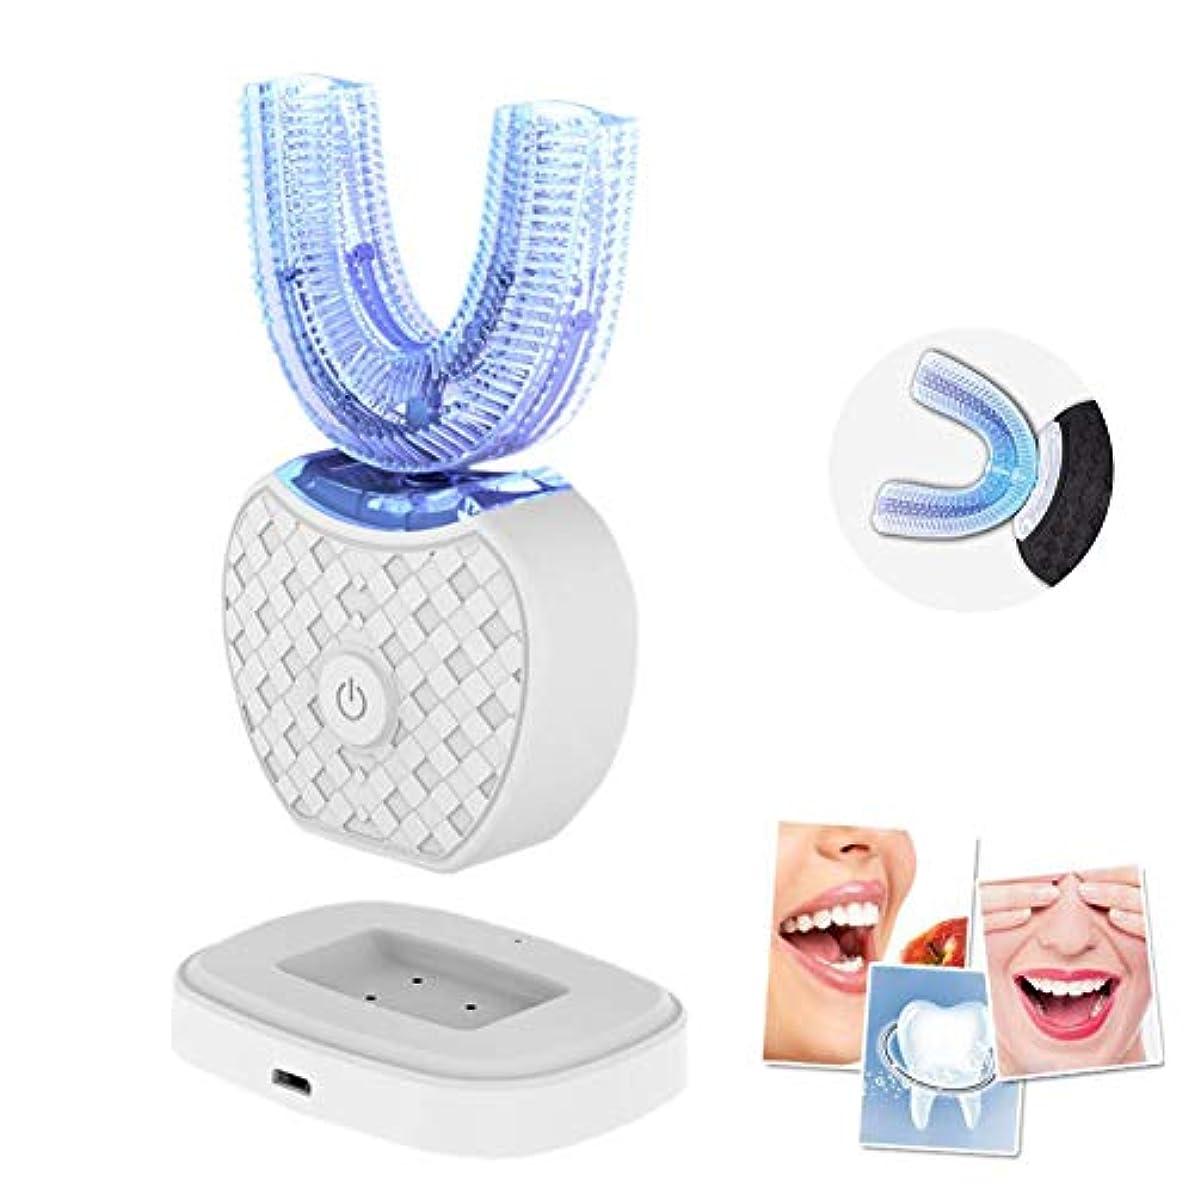 学校の先生崖生きるスマート怠惰なシリコーン電動歯ブラシを360度ワイヤレス歯のクリーナーパーソナルケア、防水USB充電をホワイトニング